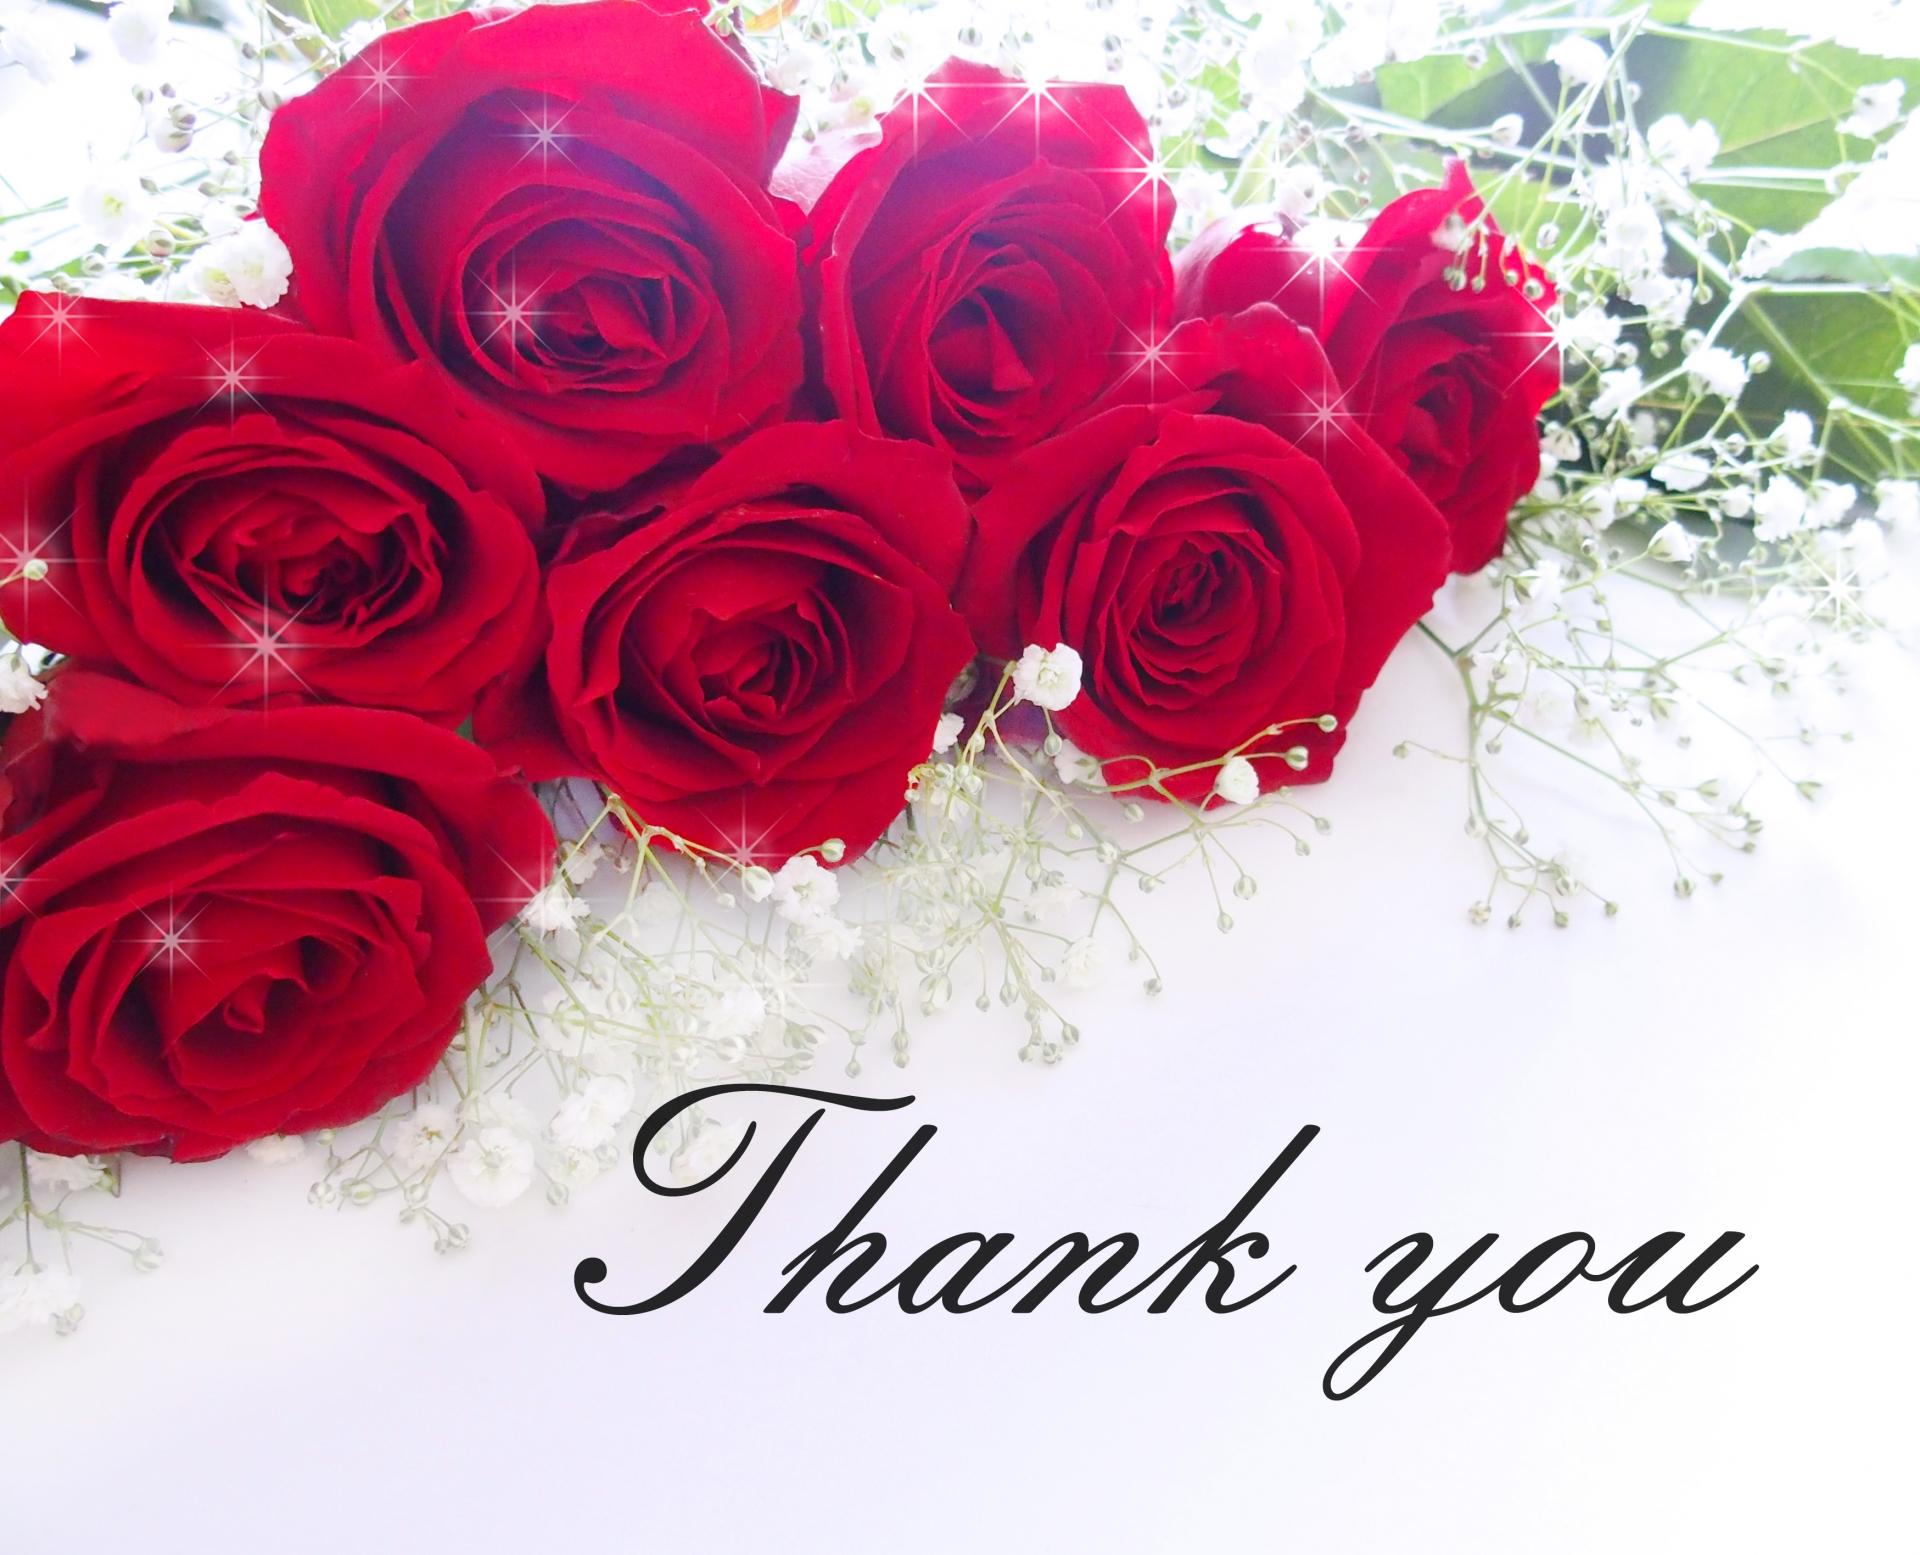 赤いバラとthank you の文字